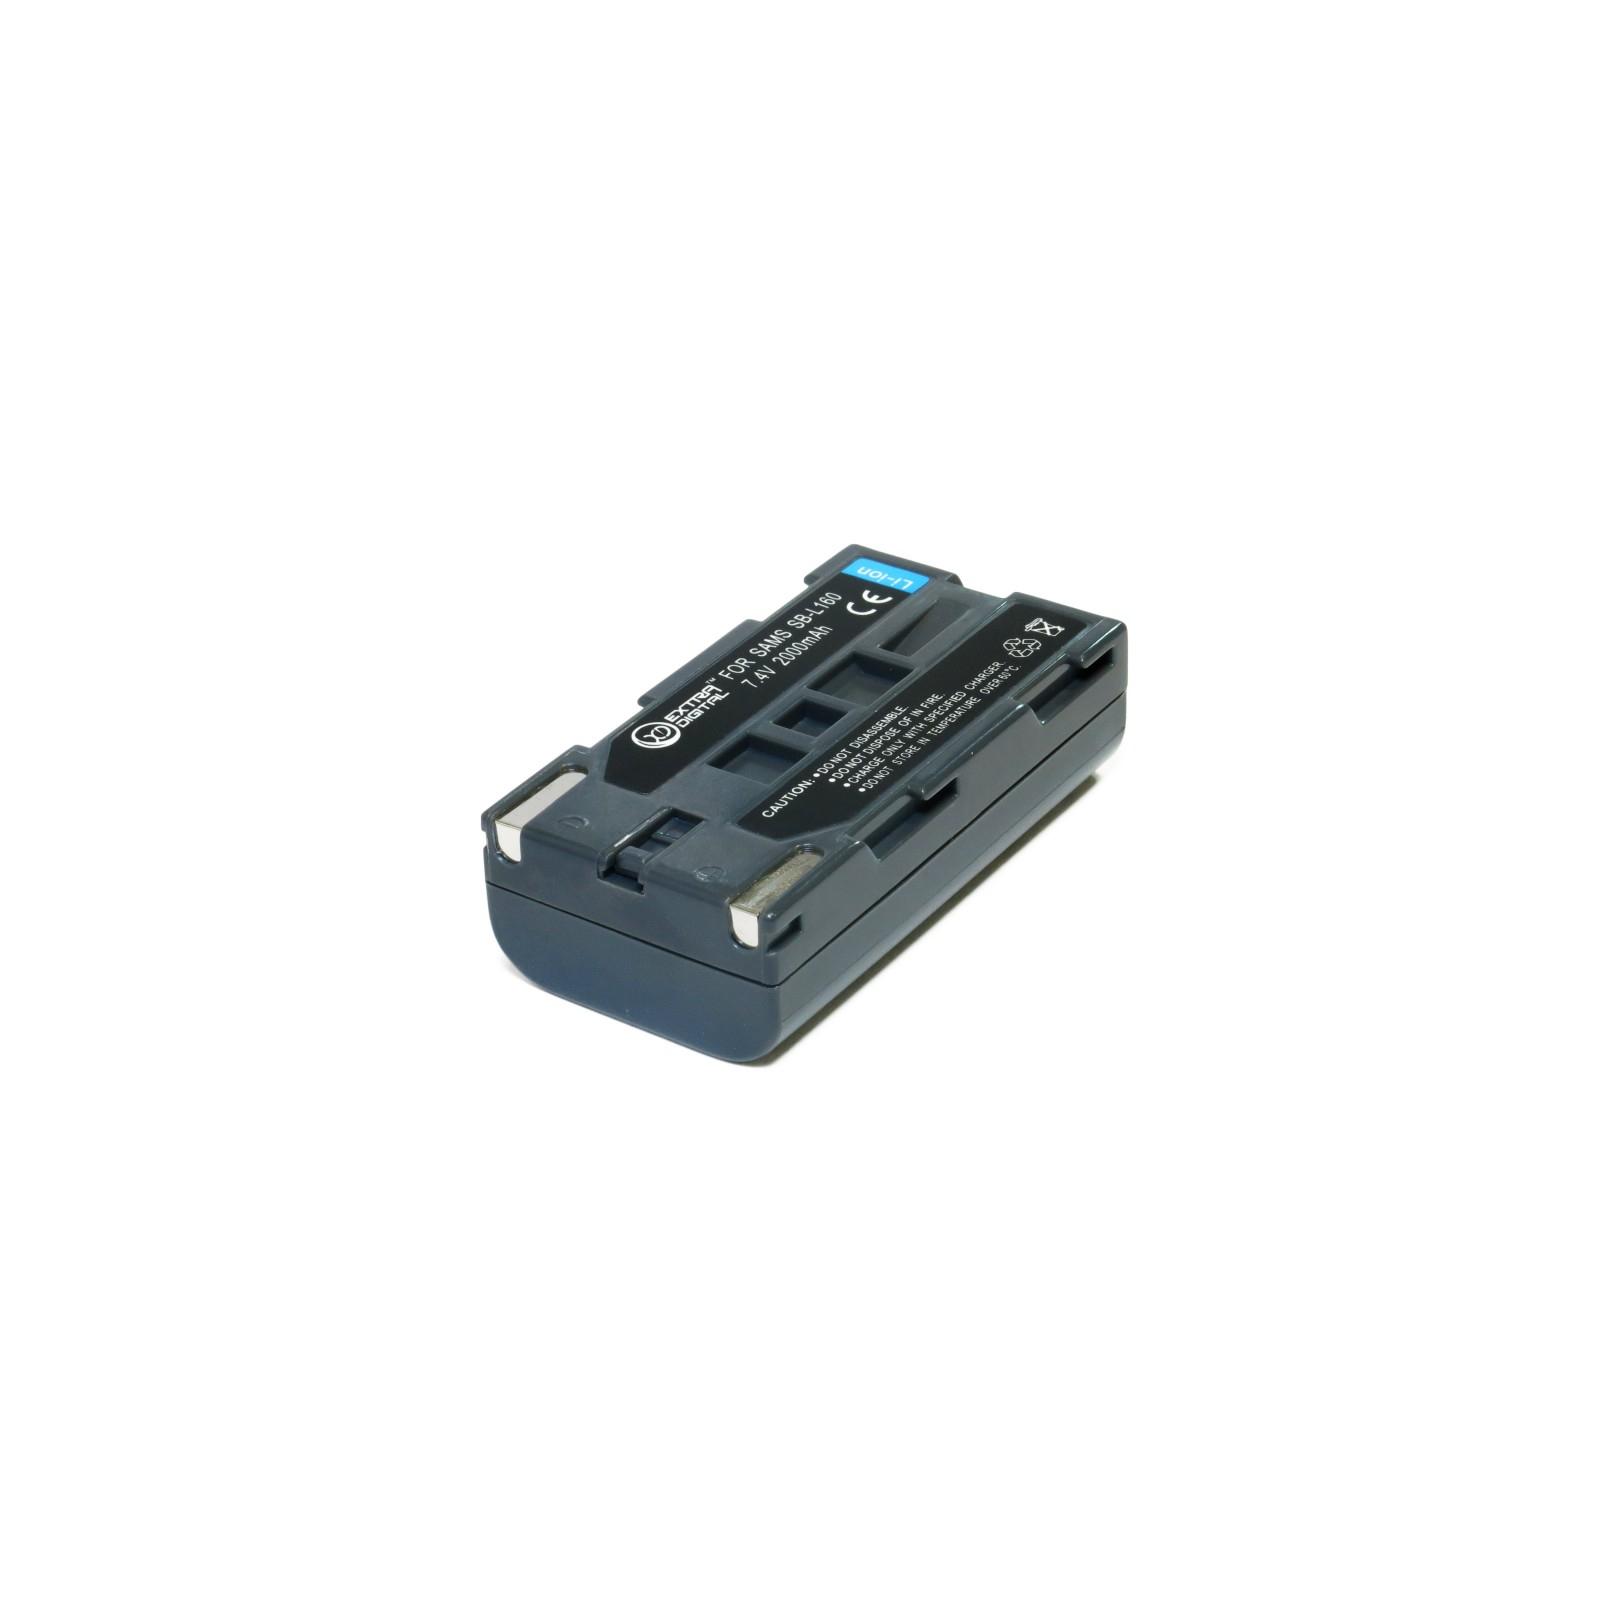 Аккумулятор к фото/видео EXTRADIGITAL Samsung SB-L160 (DV00DV1277) изображение 4